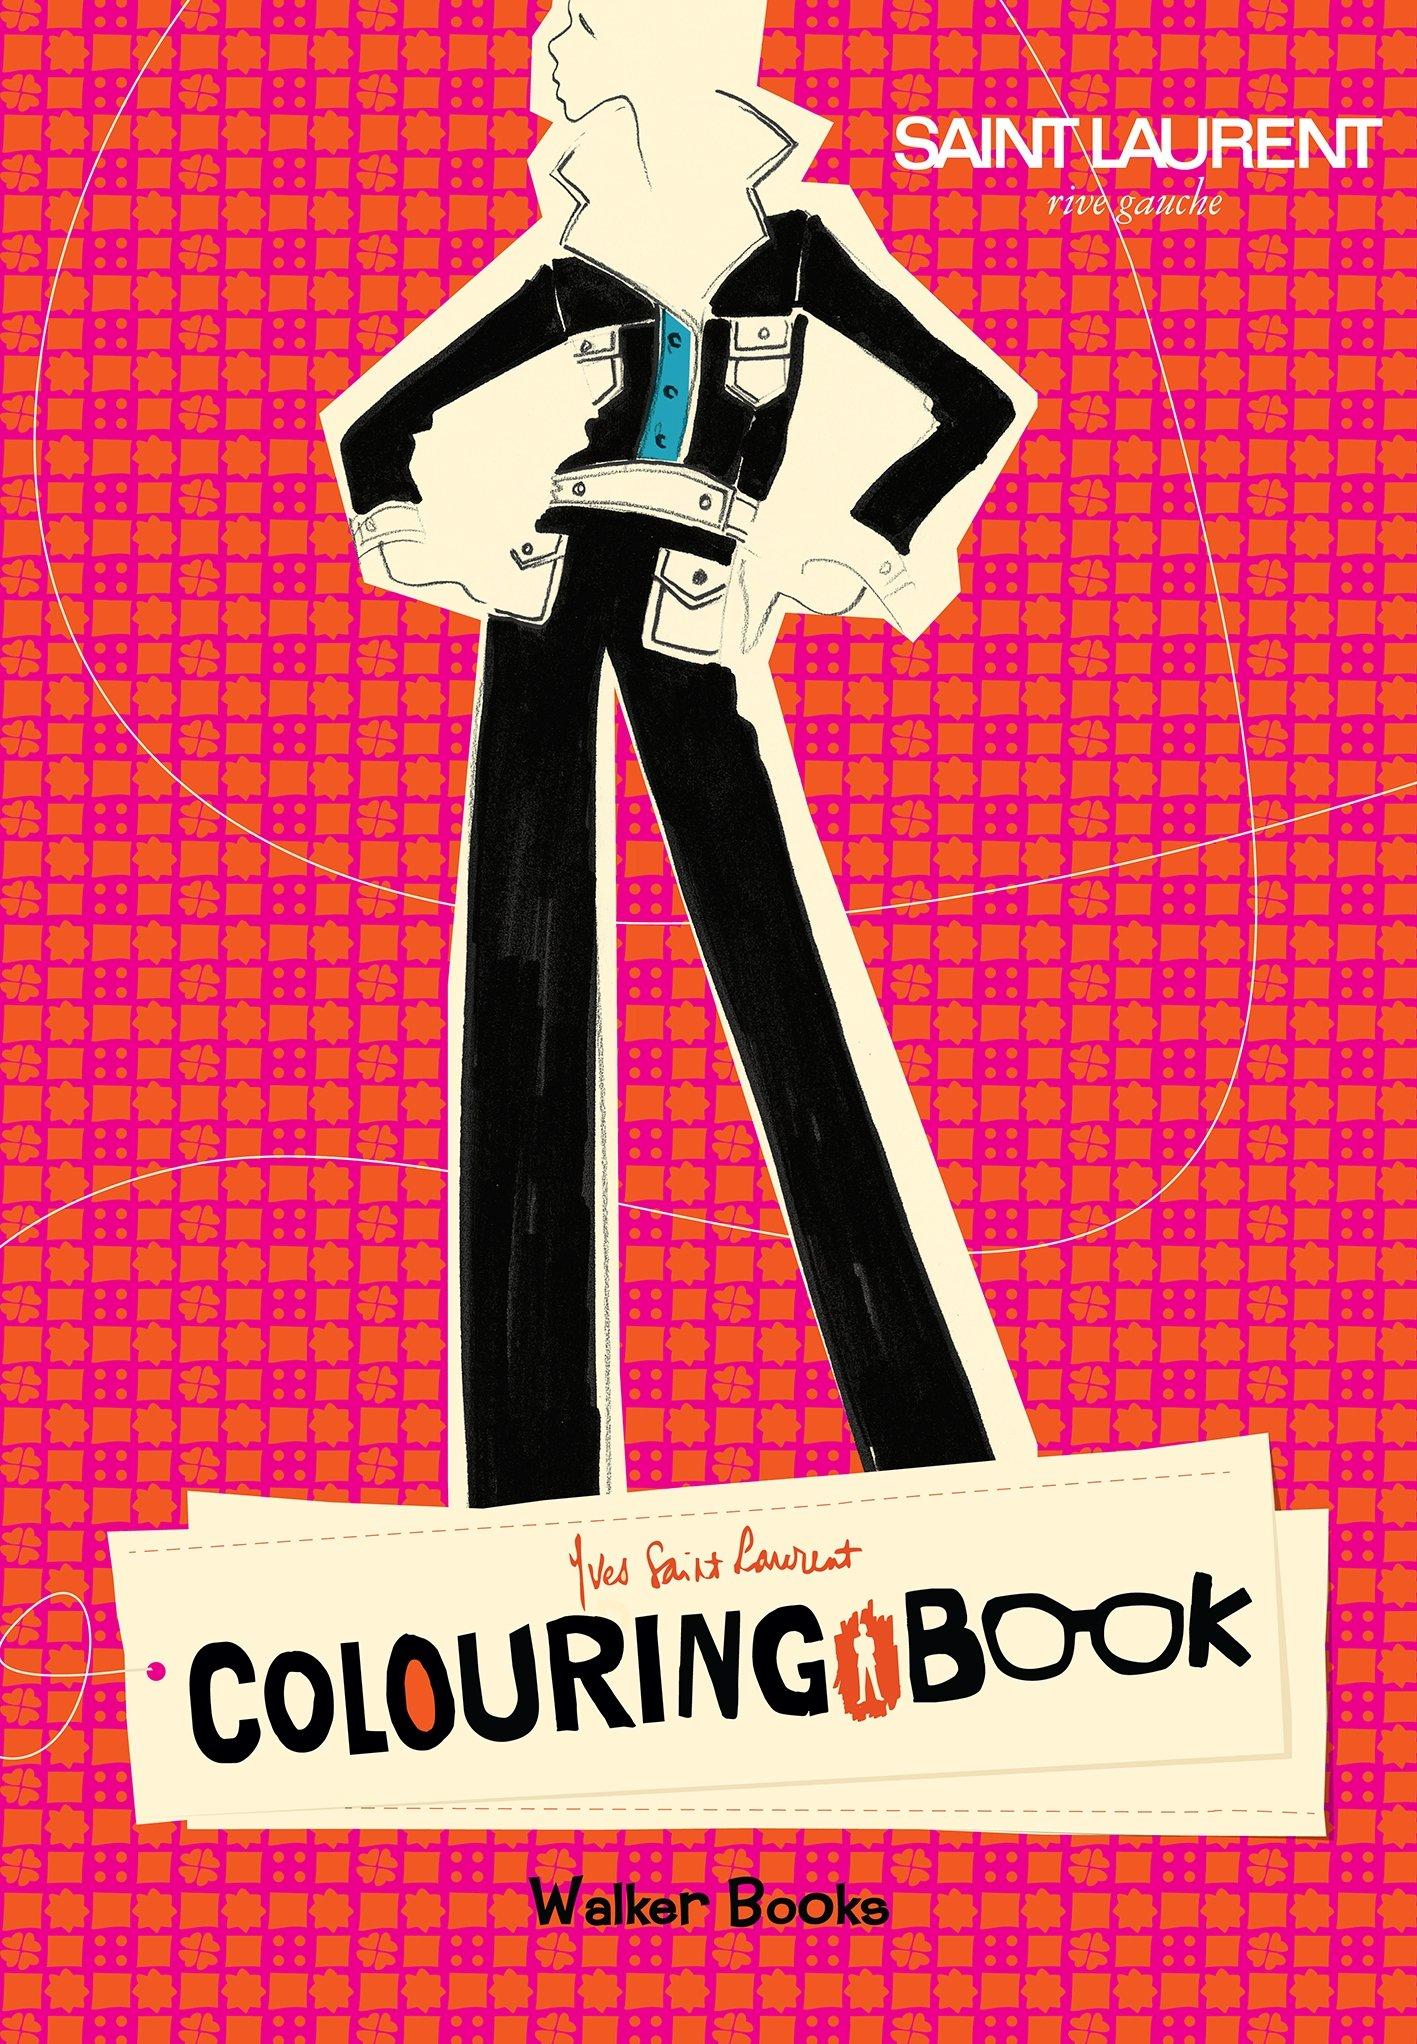 Coloring book yves saint laurent - Yves Saint Laurent Rive Gauche Colouring Book 9781406338836 Amazon Com Books